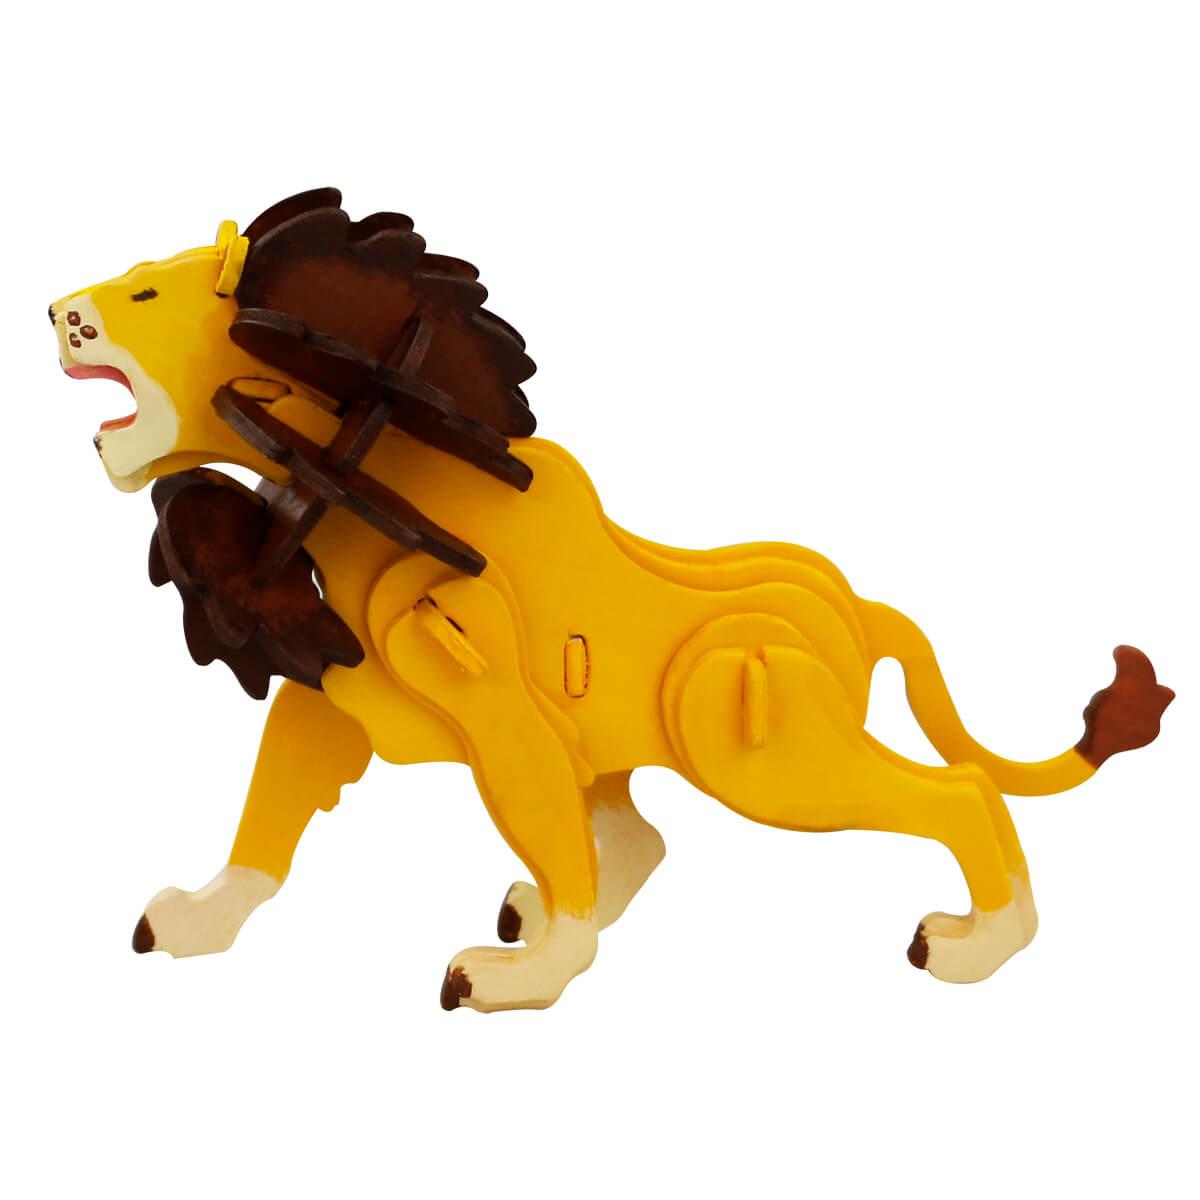 3Д пазл раскраска ТМ Цветной Лев